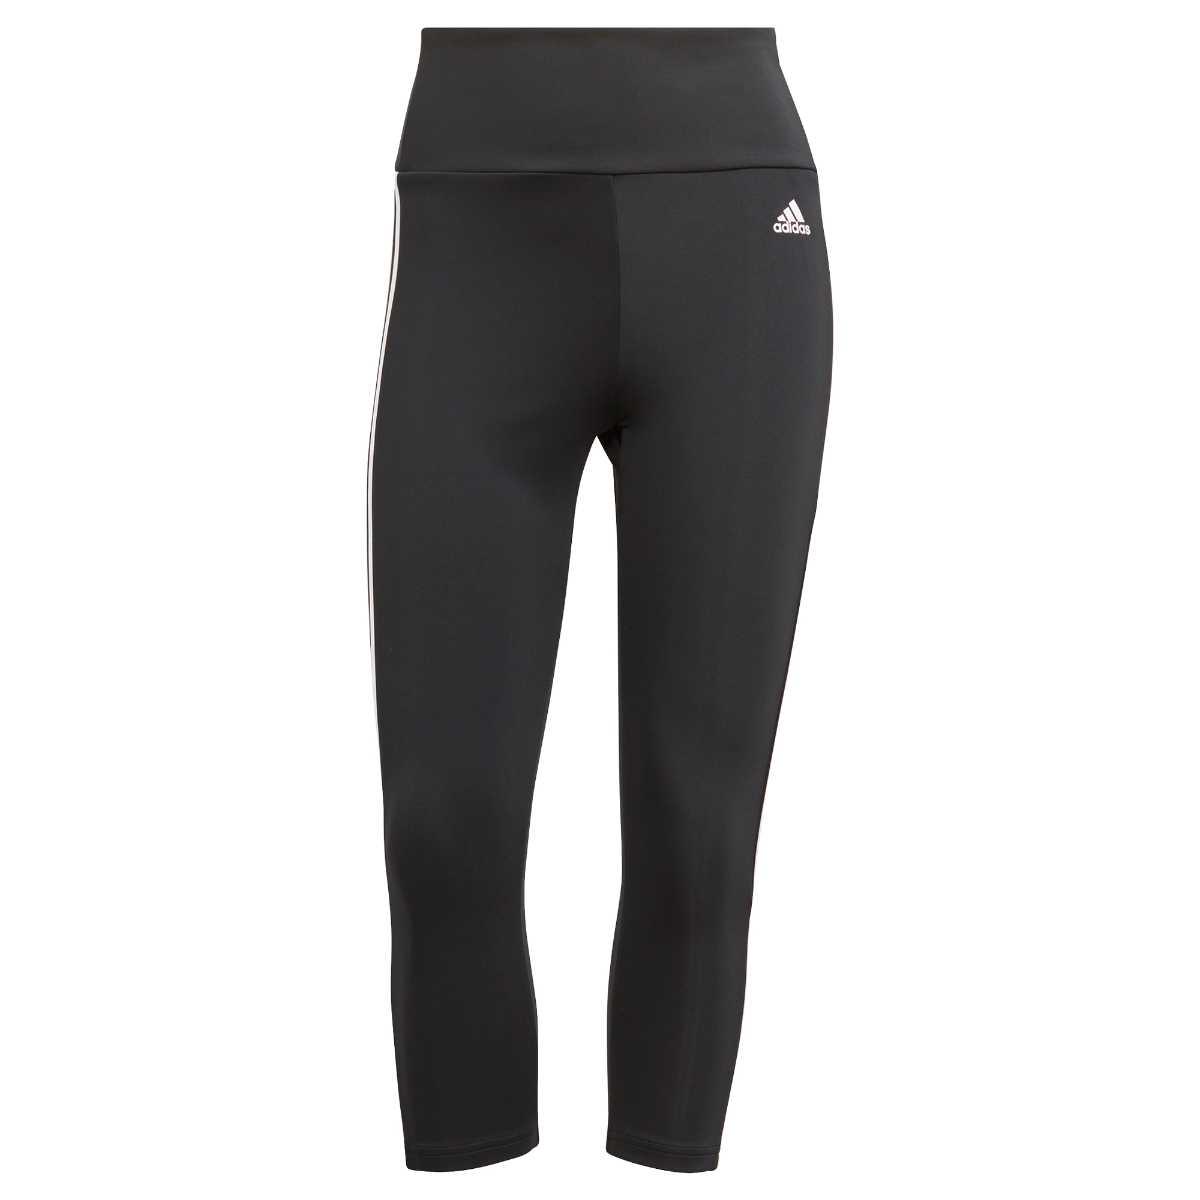 Adidas W 3S 34 TIG dames hardloopbroek driekwart